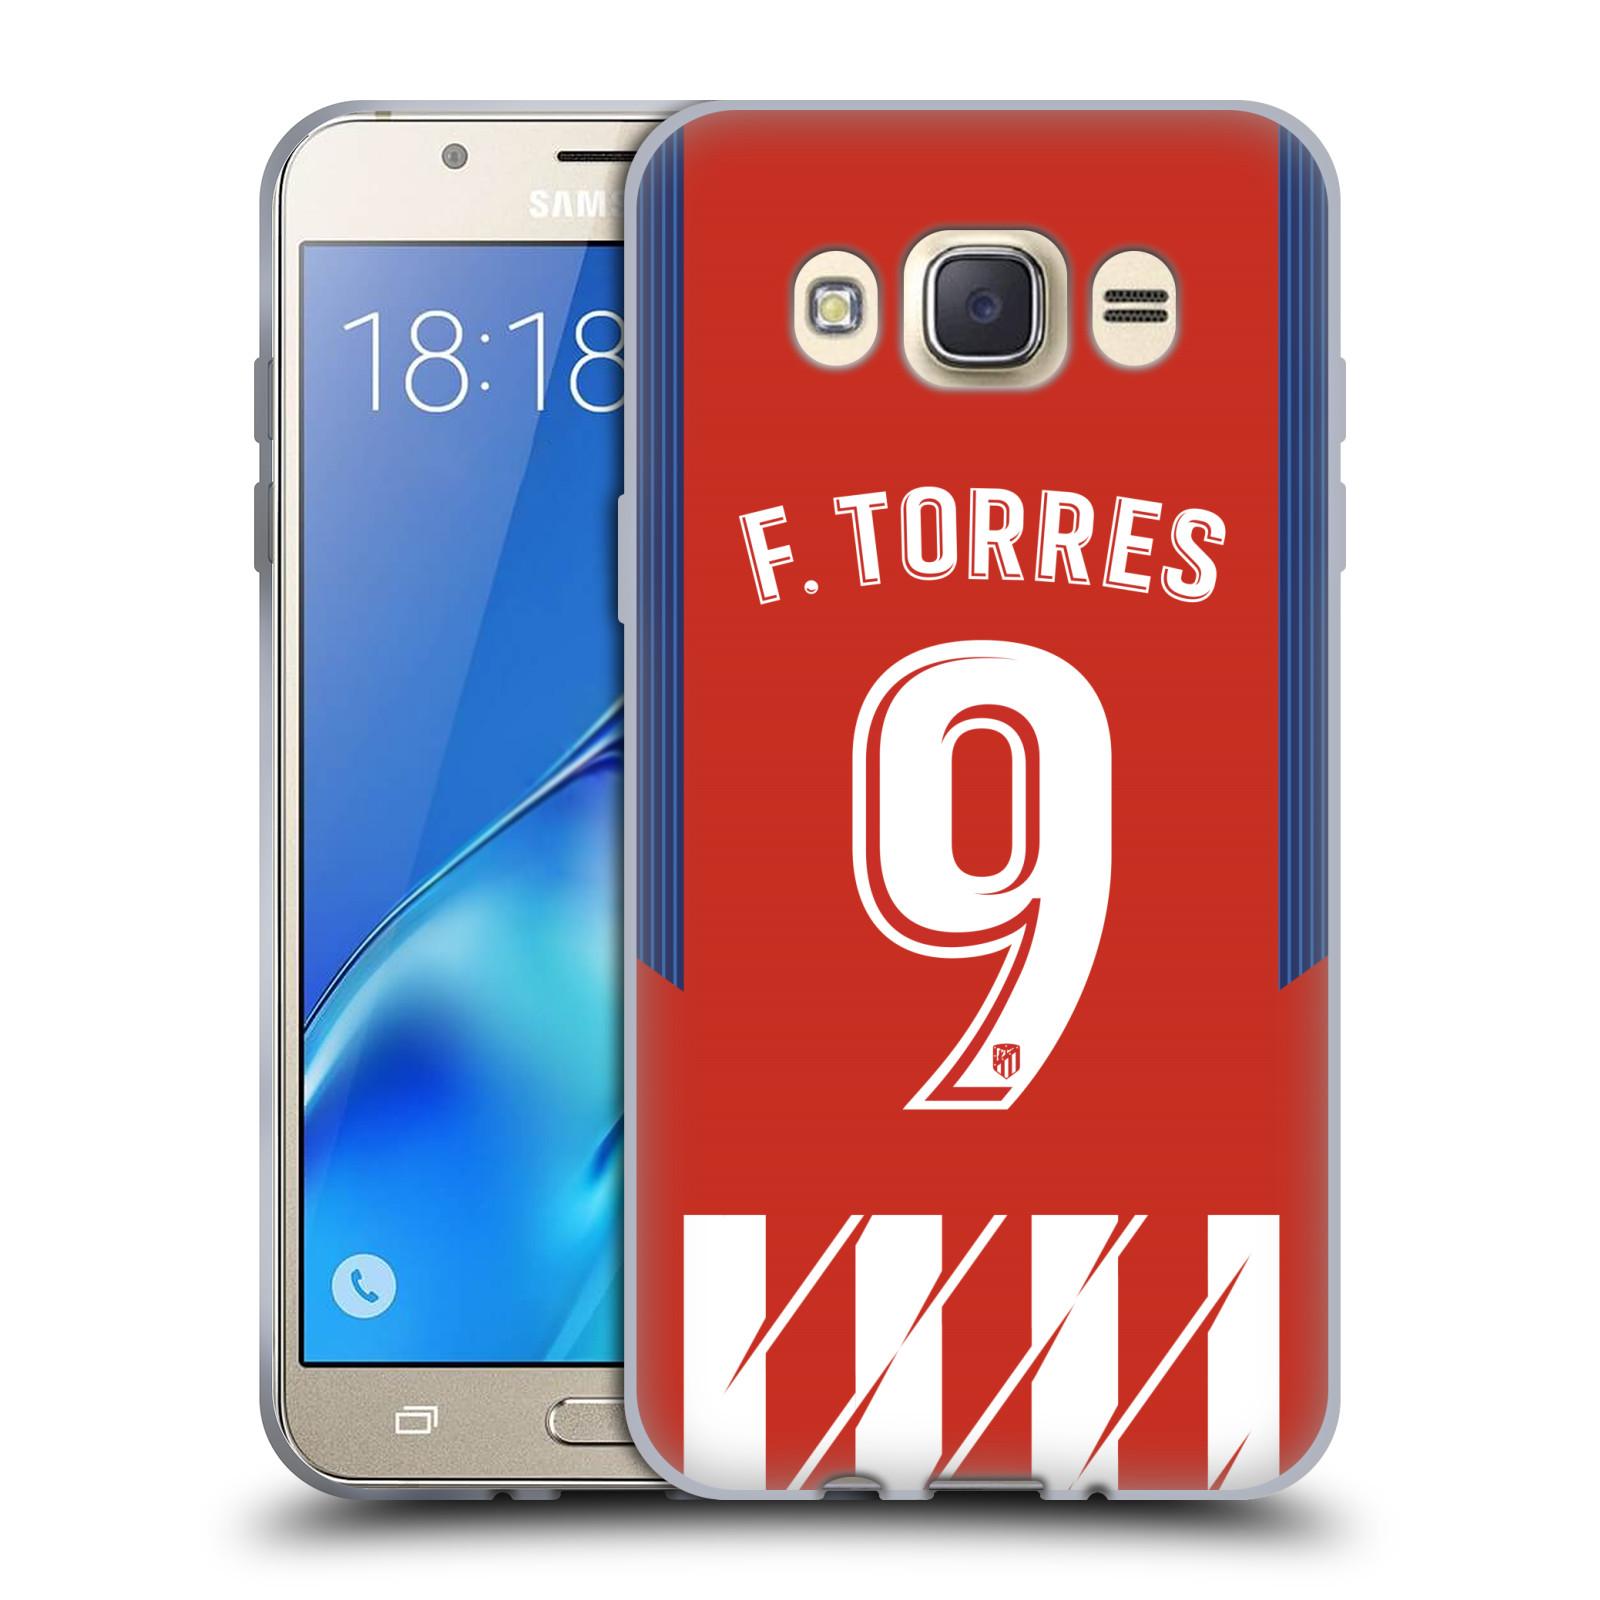 HEAD CASE silikonový obal na mobil Samsung Galaxy J7 2016 Fotbalový klub Atlético Madrid dres Fernando Torres